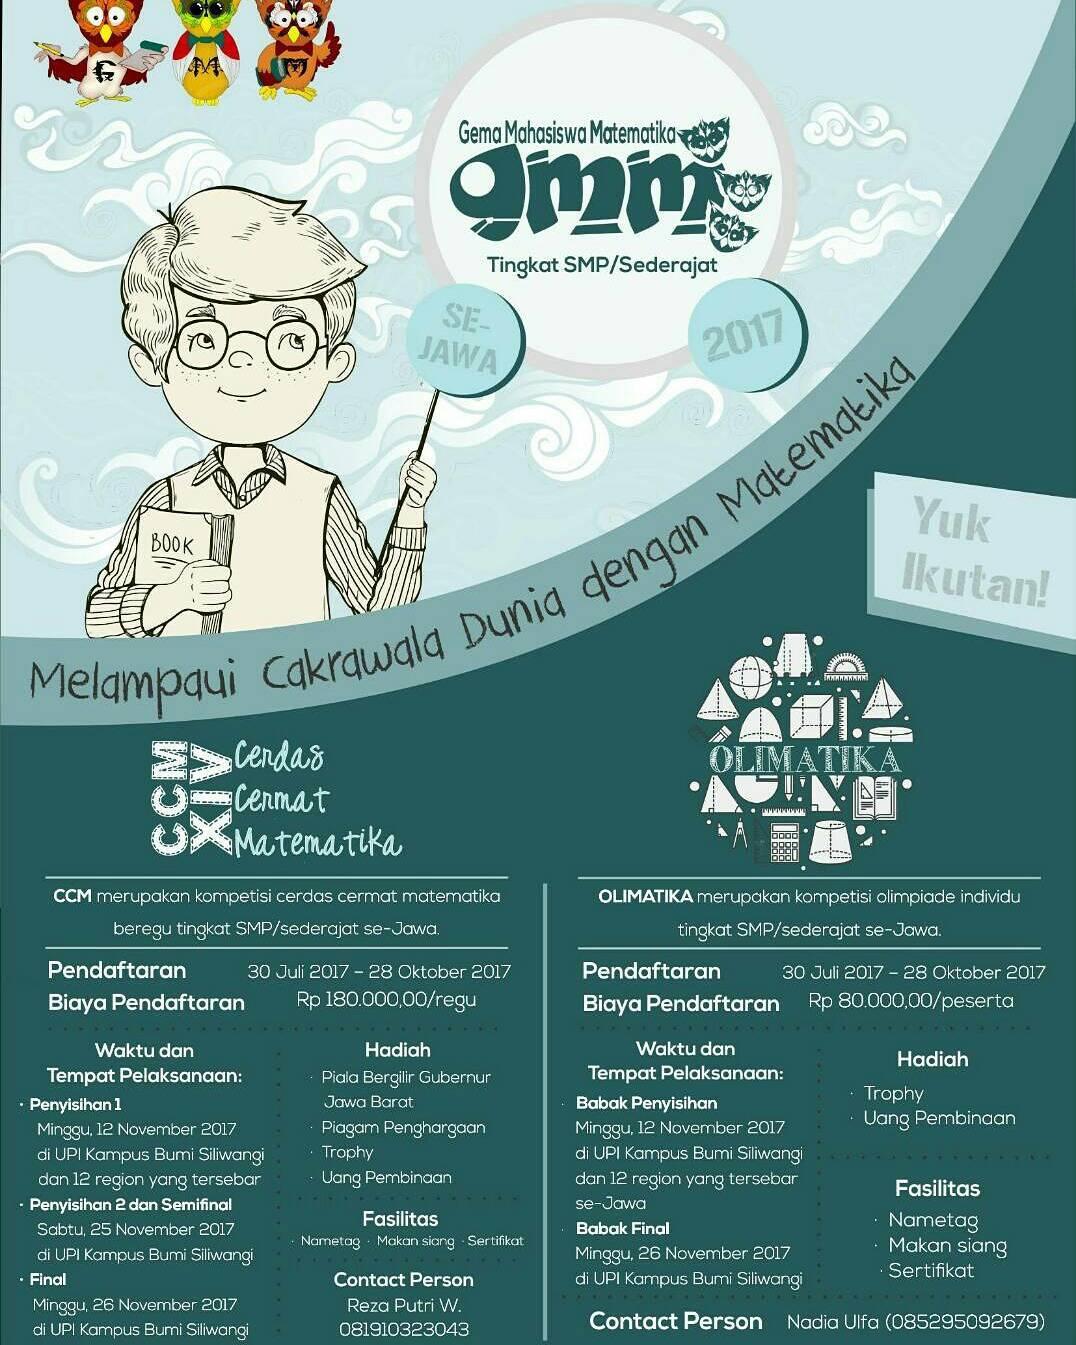 Gema Mahasiswa Matematika 2017 | Univ. Pendidikan Indonesia | SMP-SMA-Mahasiswa